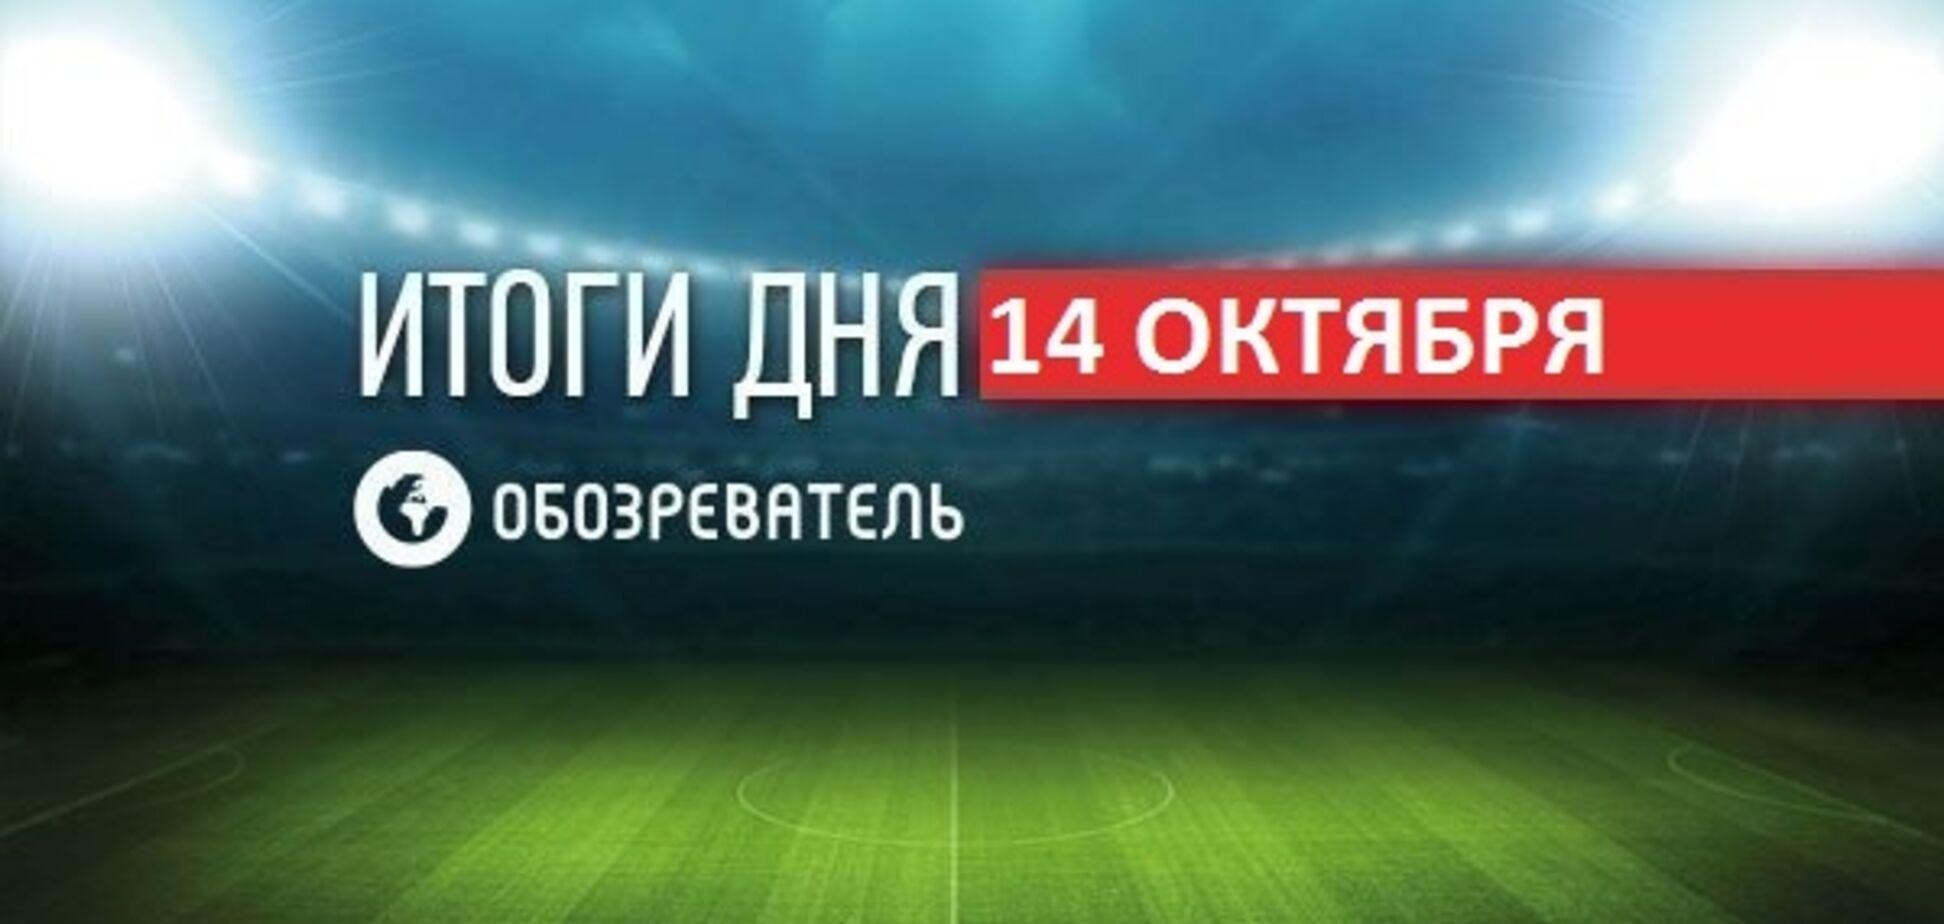 Украина обыграла Португалию и вышла на Евро-2020: спортивные итоги 14 октября